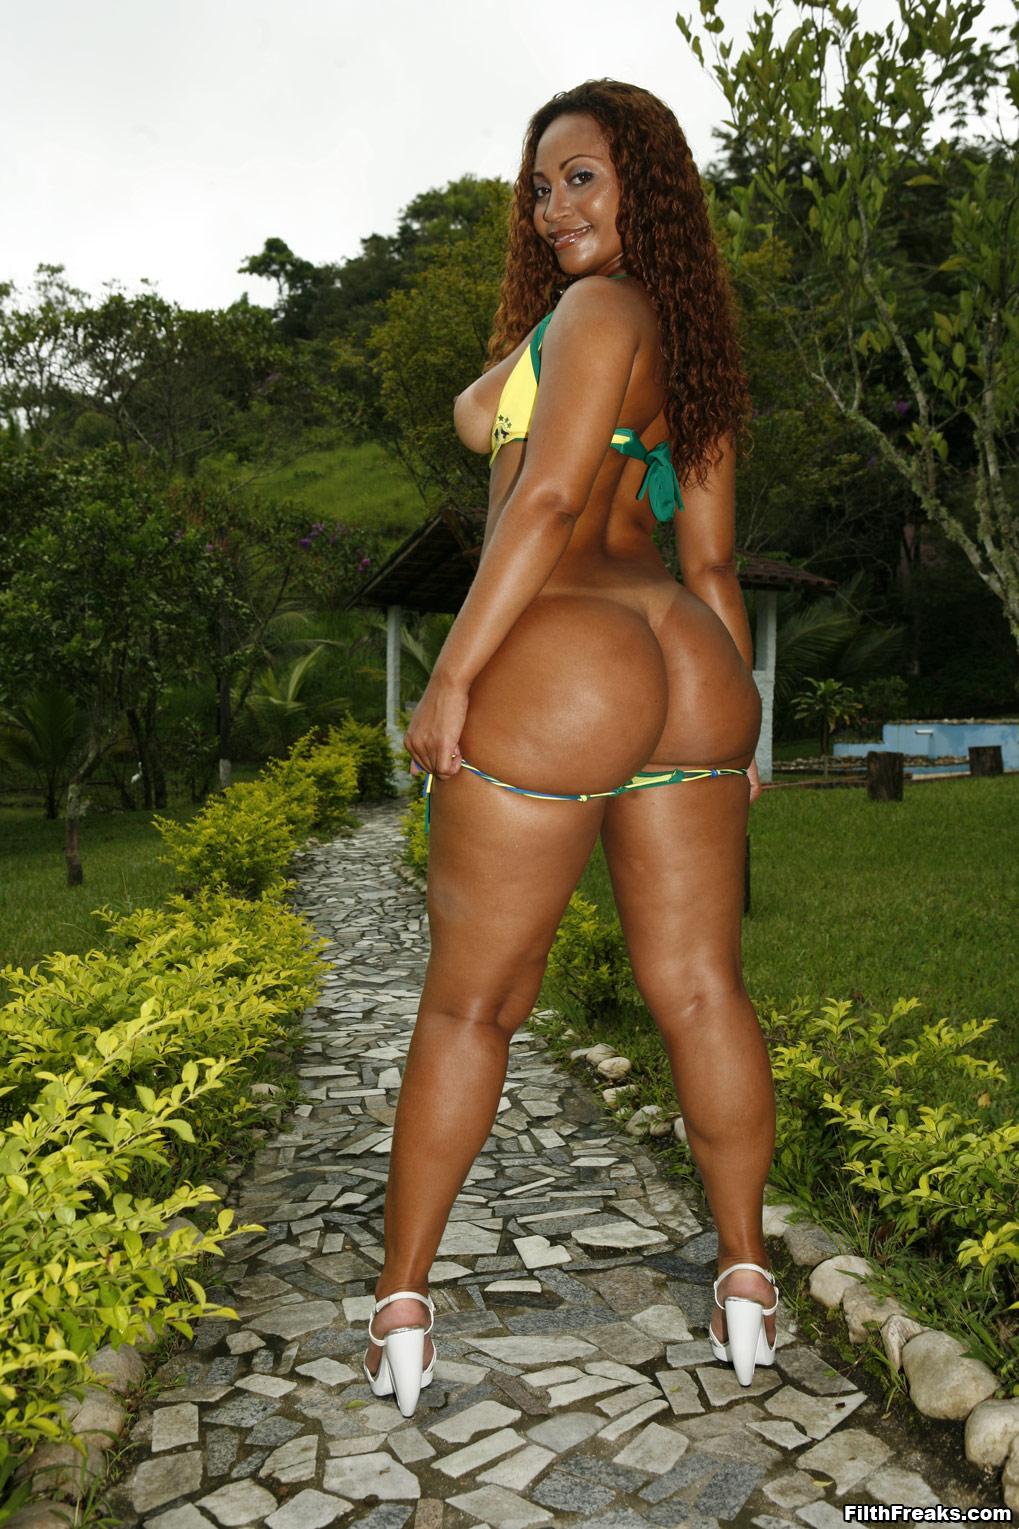 luana brazil pictures